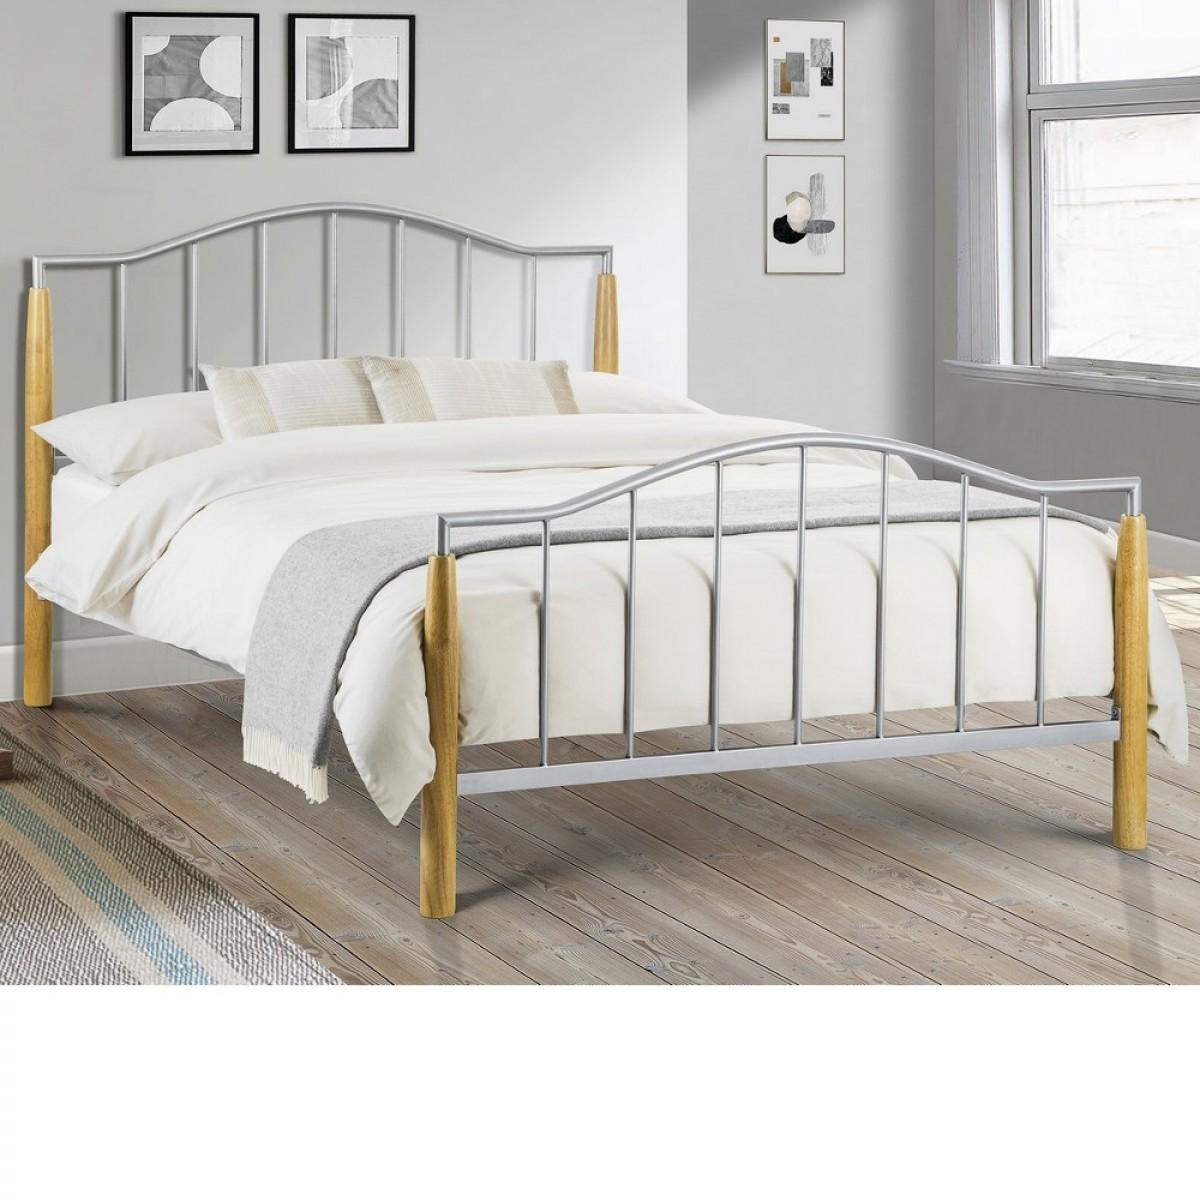 Carmel Aluminium and Oak Metal Bed